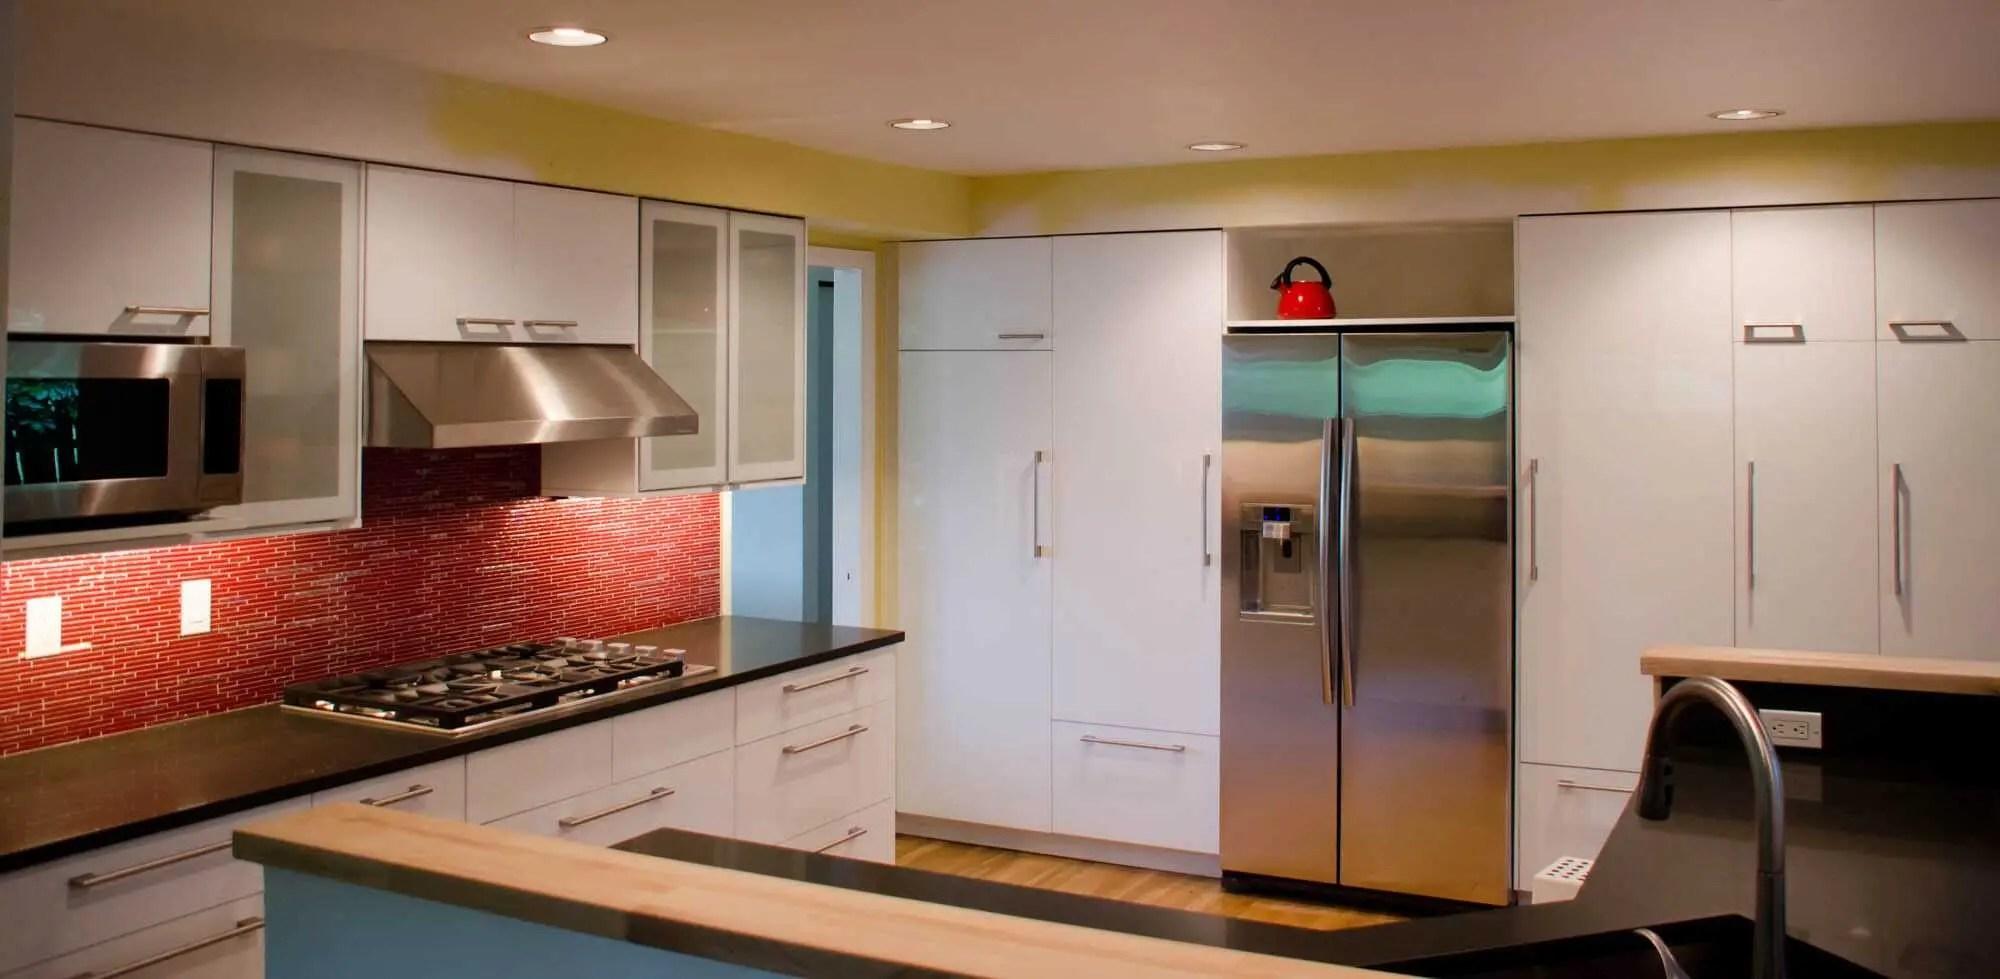 an ikea kitchen that pops kitchen cabinets ikea IKEA Kitchen Kirkland 4